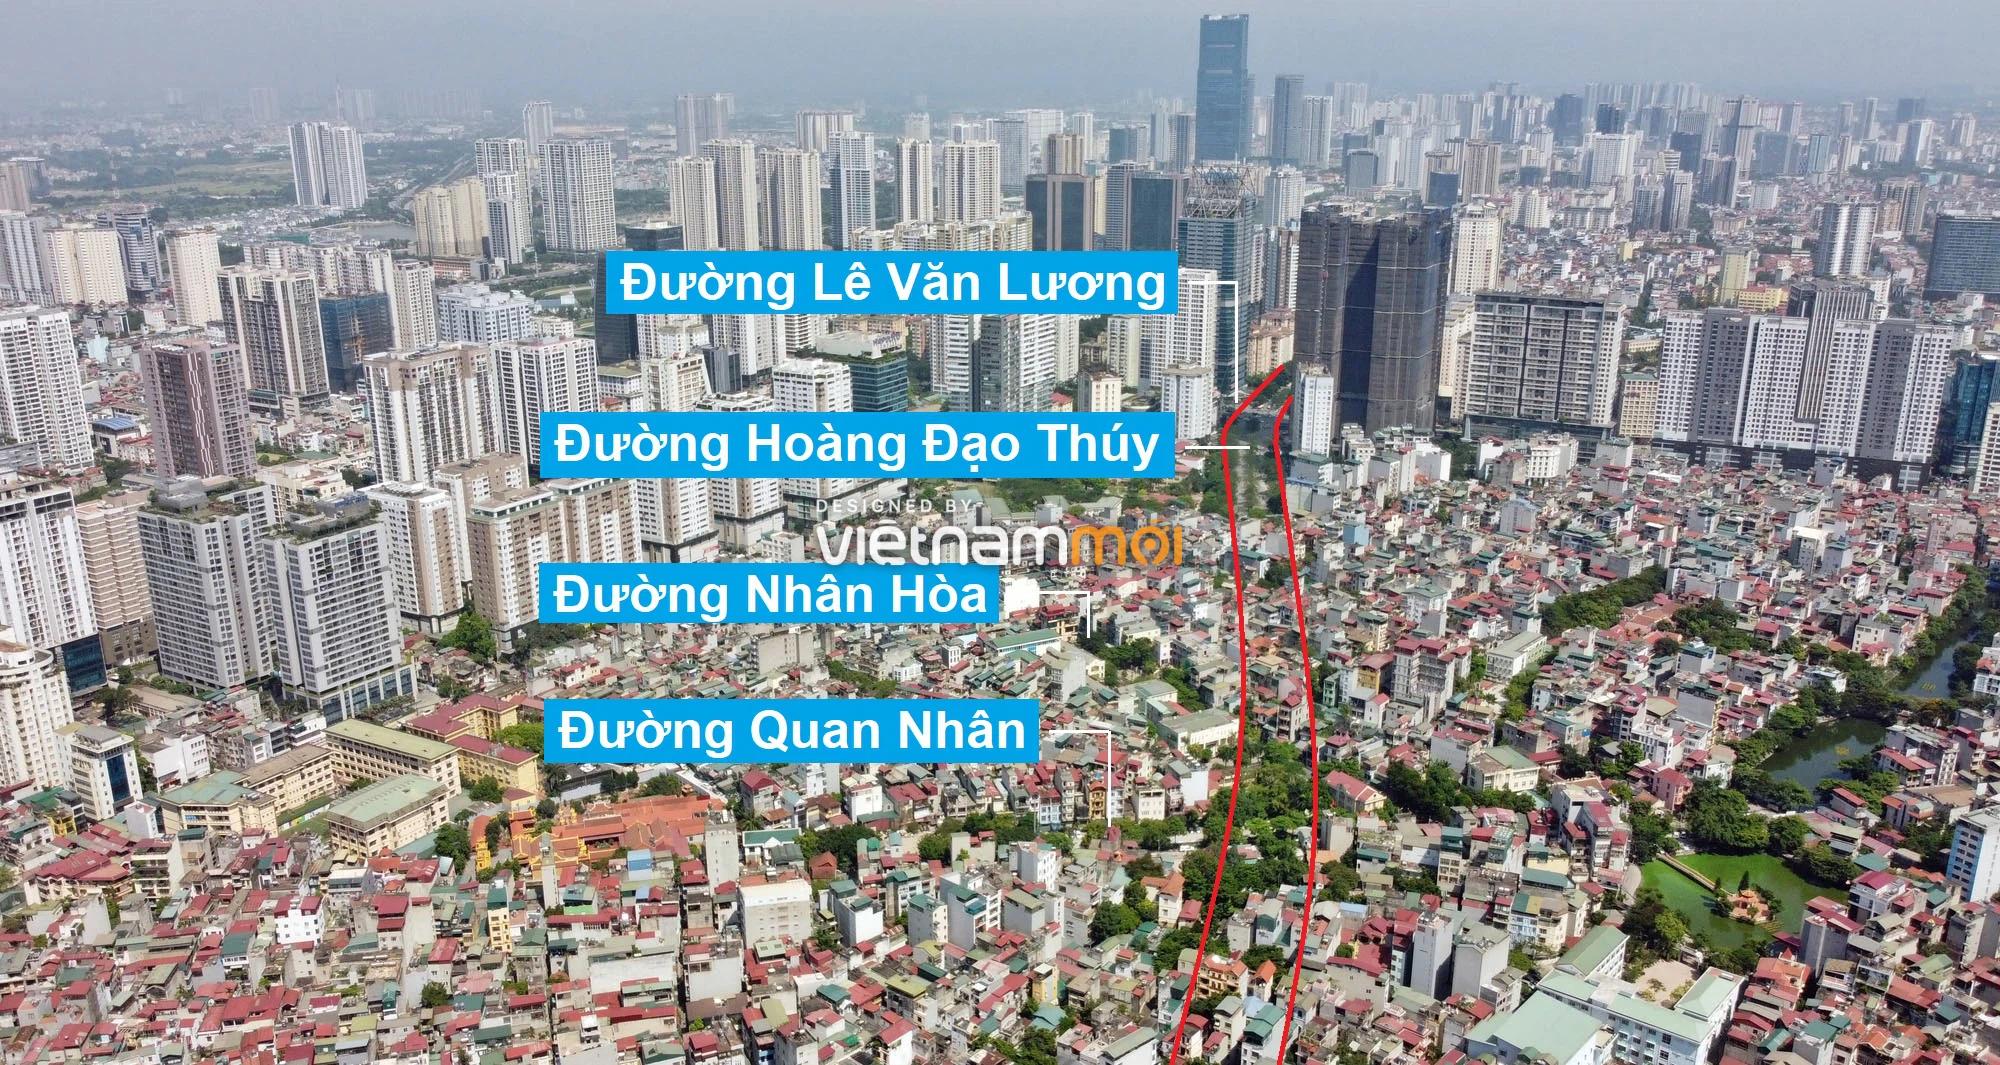 Vành đai 2,5 sẽ mở theo quy hoạch qua quận Thanh Xuân, Hà Nội - Ảnh 1.